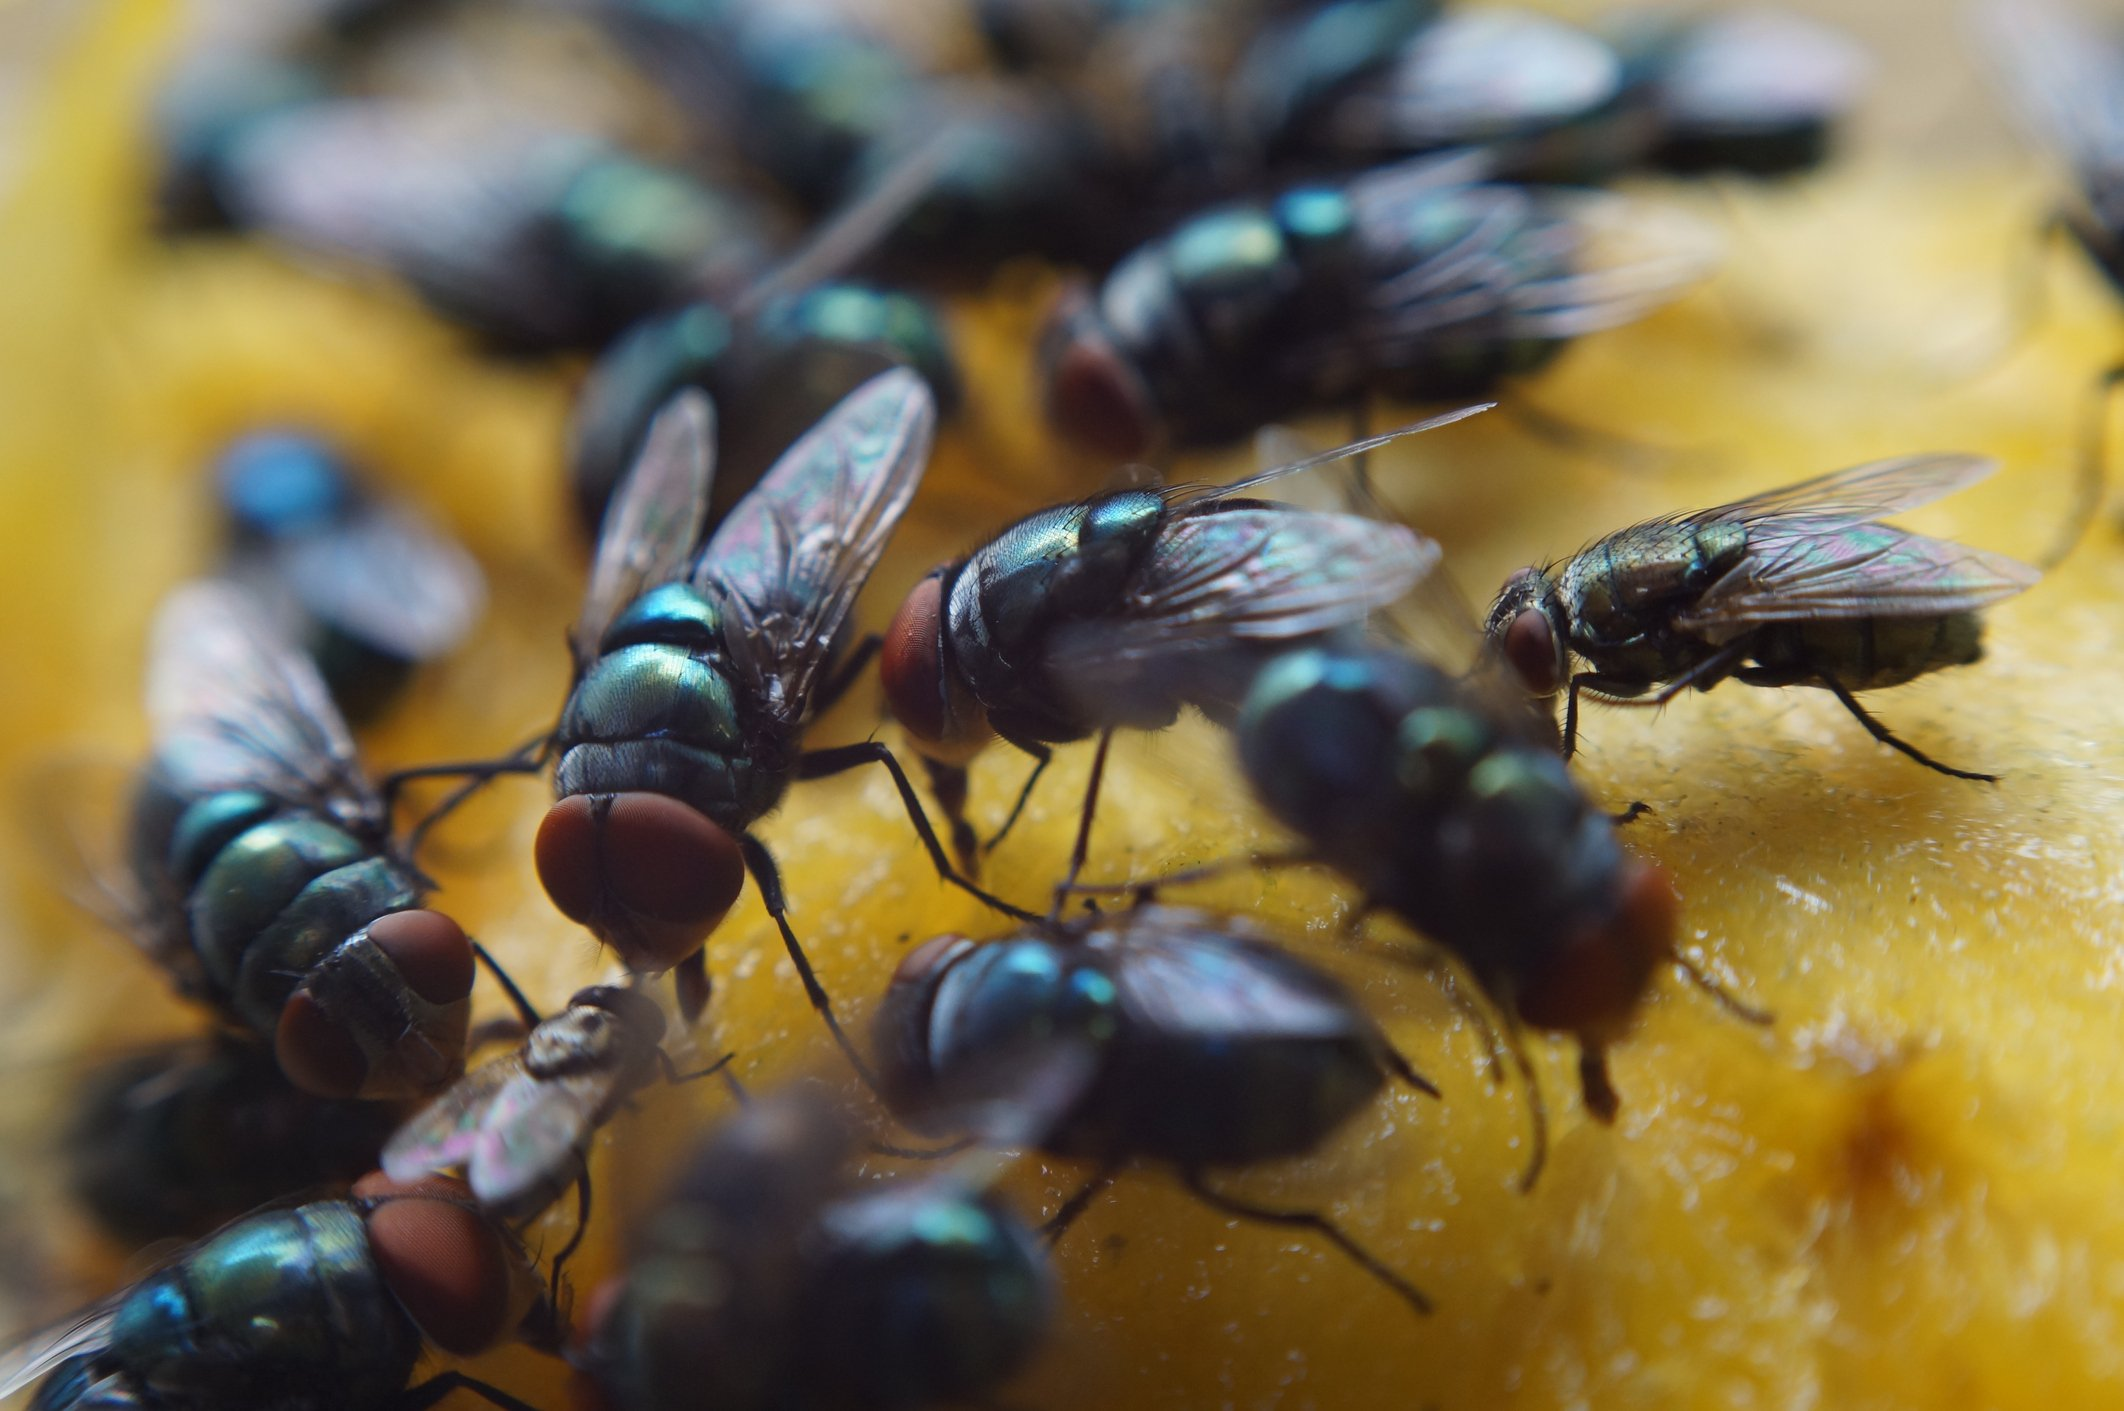 La vérité sur l'hélico qui déverse des mouches à Allou-kagne